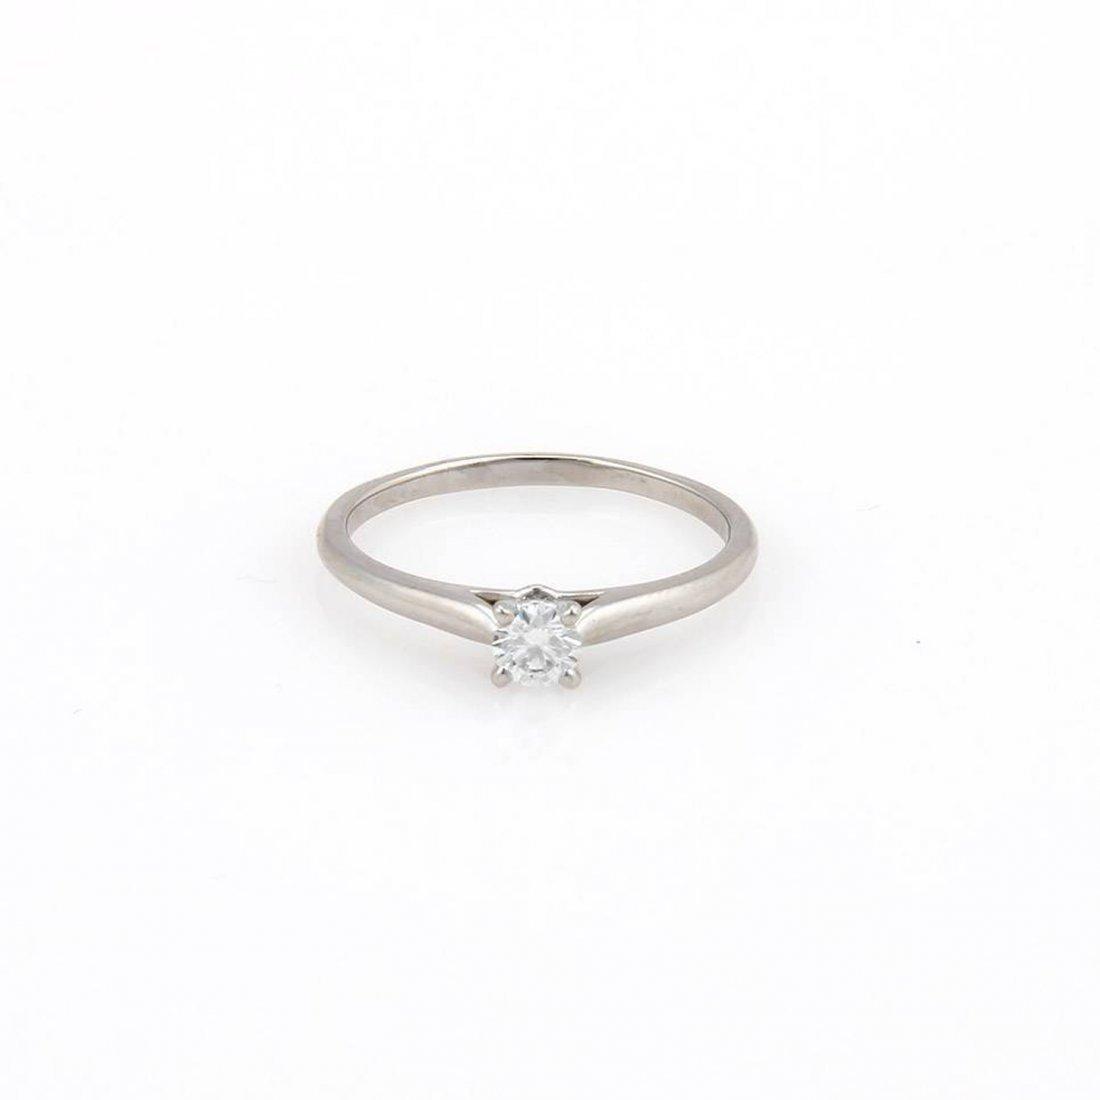 Cartier Platinum 0.18 Ct D-VS1 Round Brilliant Diamond